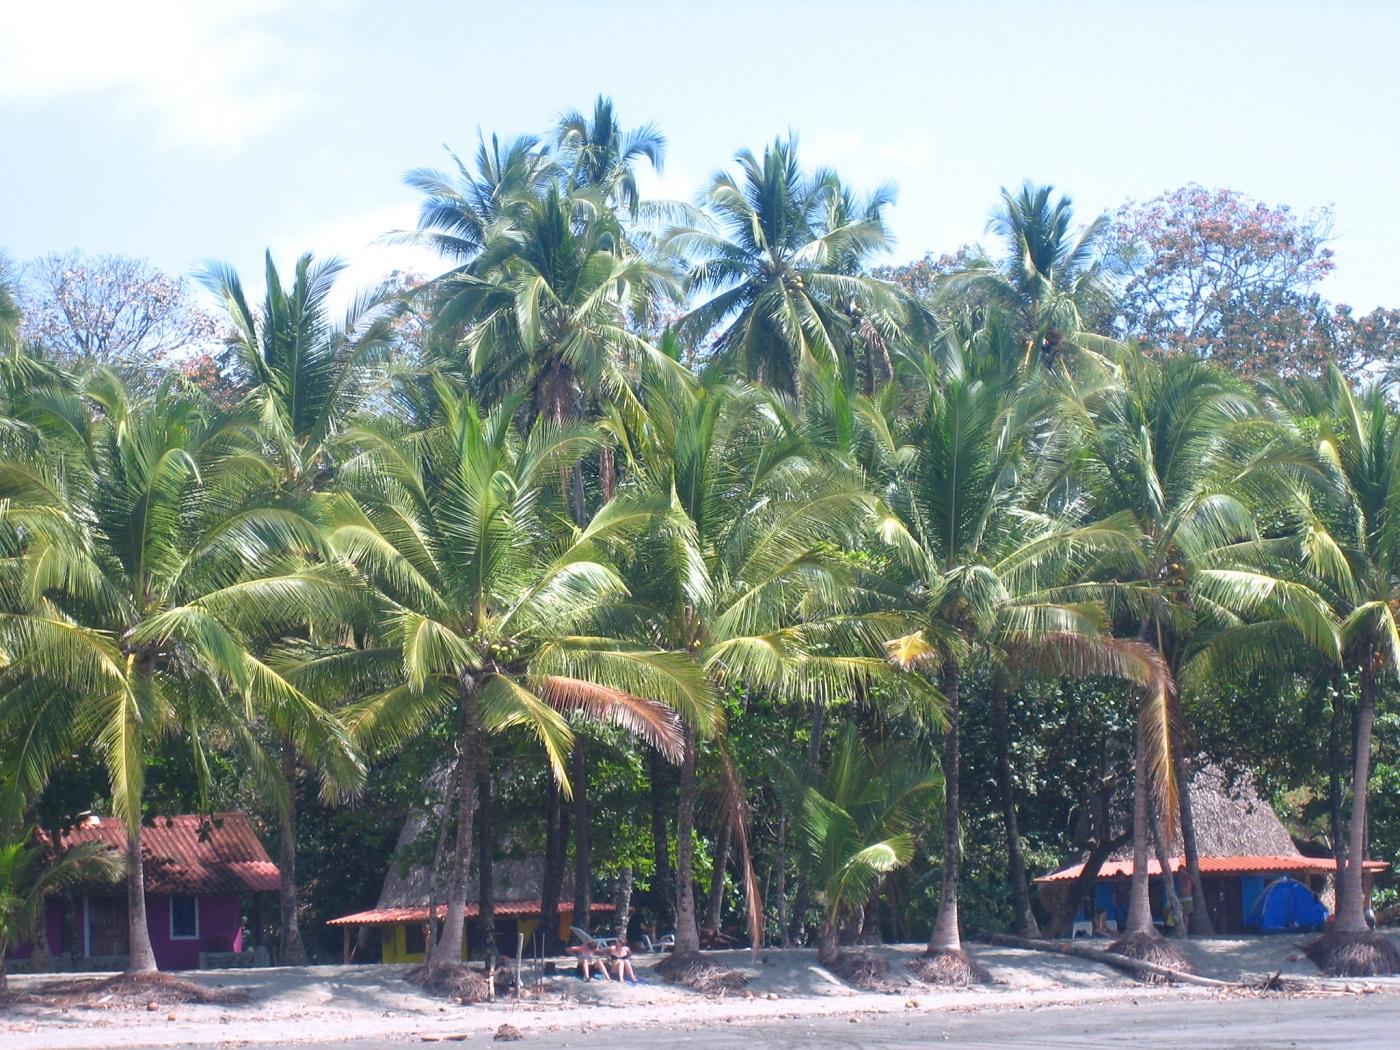 Santa Catalina Panama (c) Anja Knorr